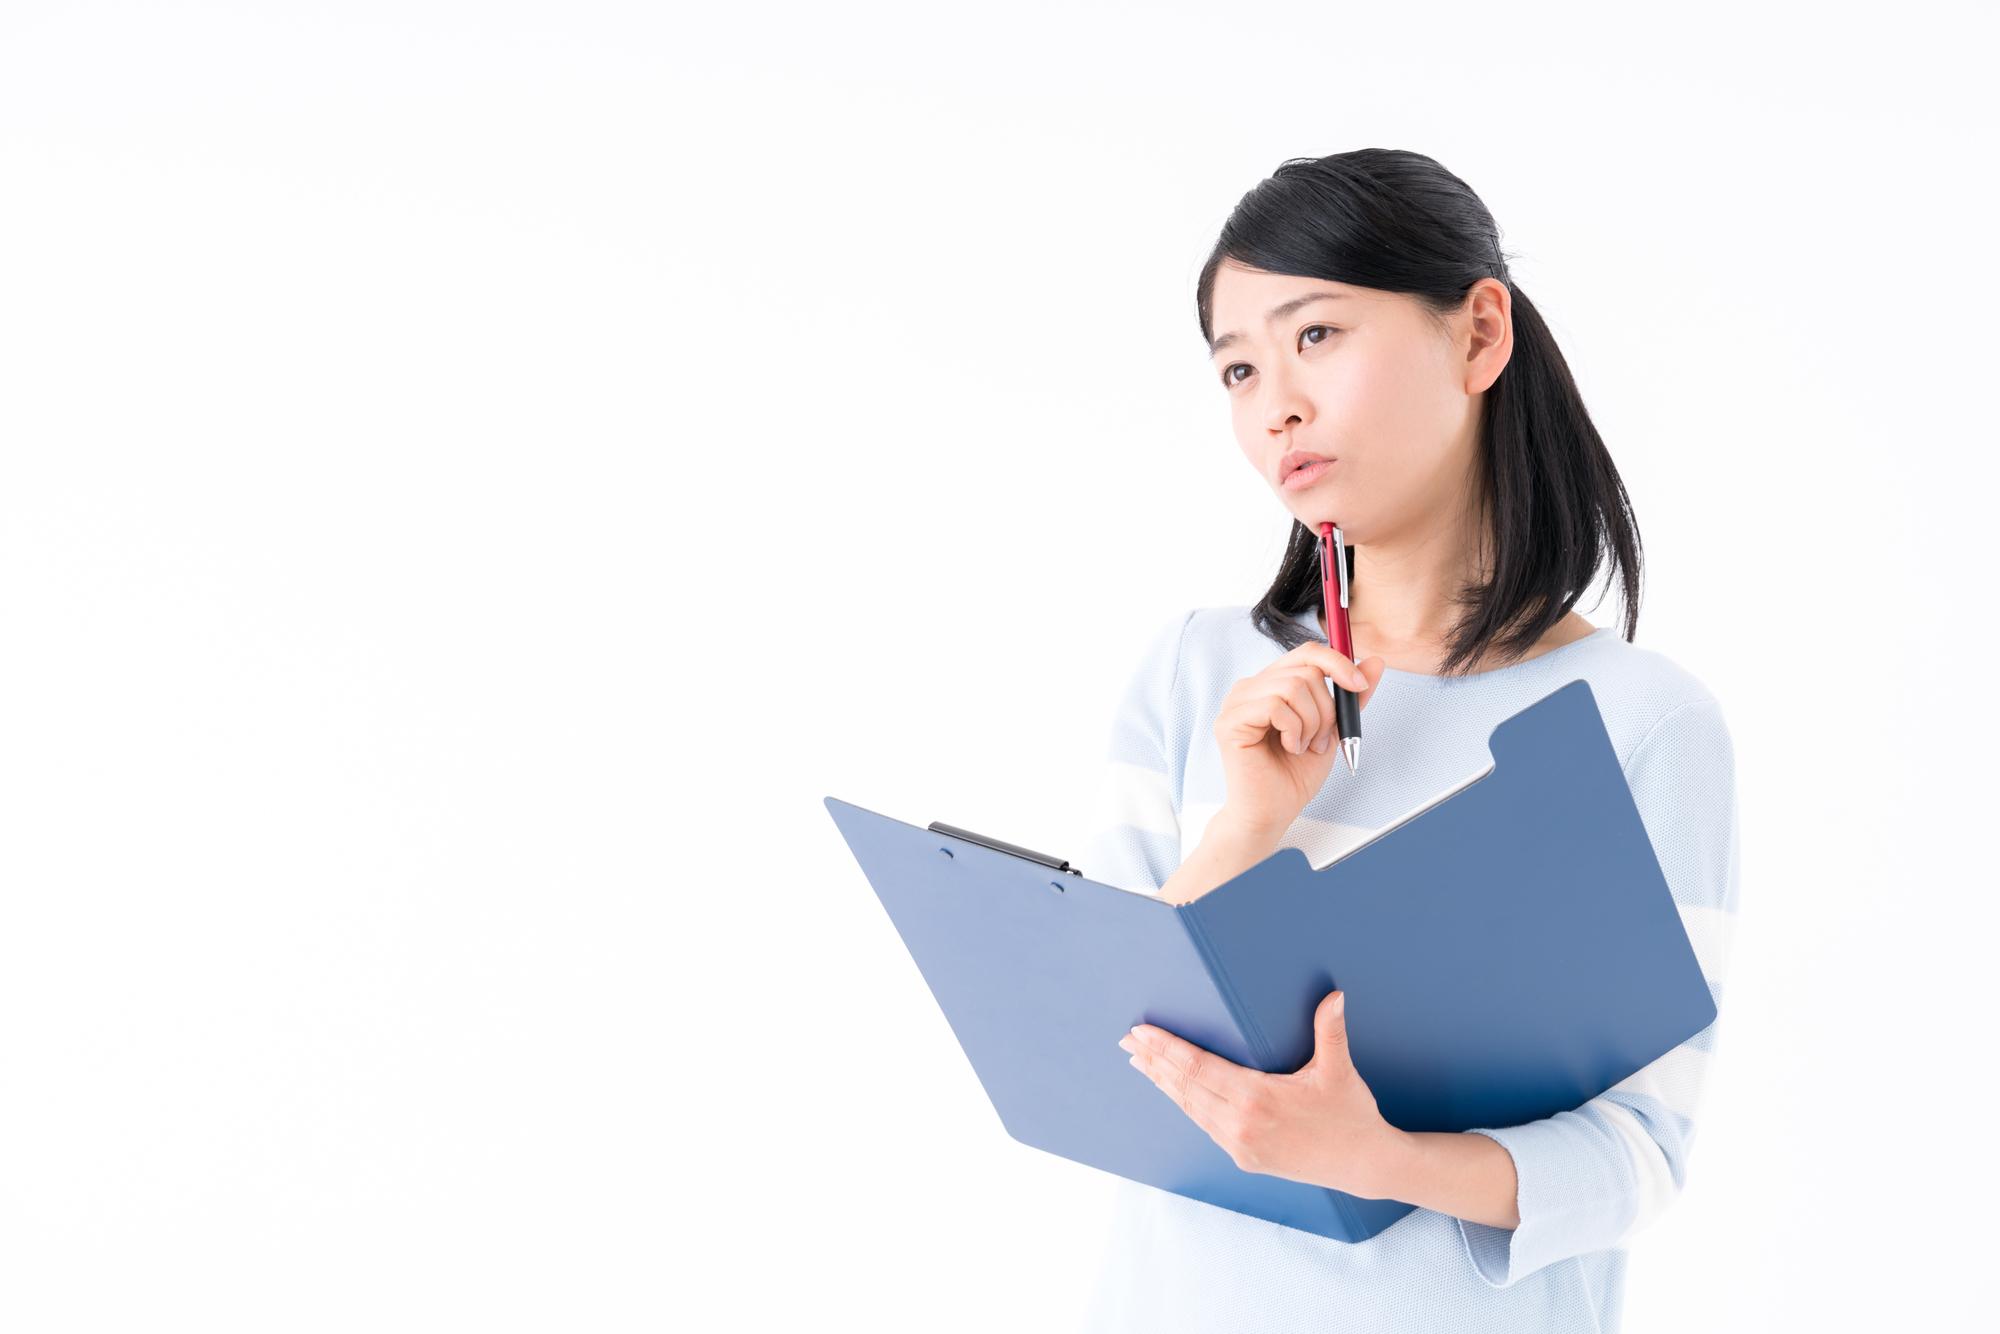 引越し手続きに必要なチャックリストをまとめる女性